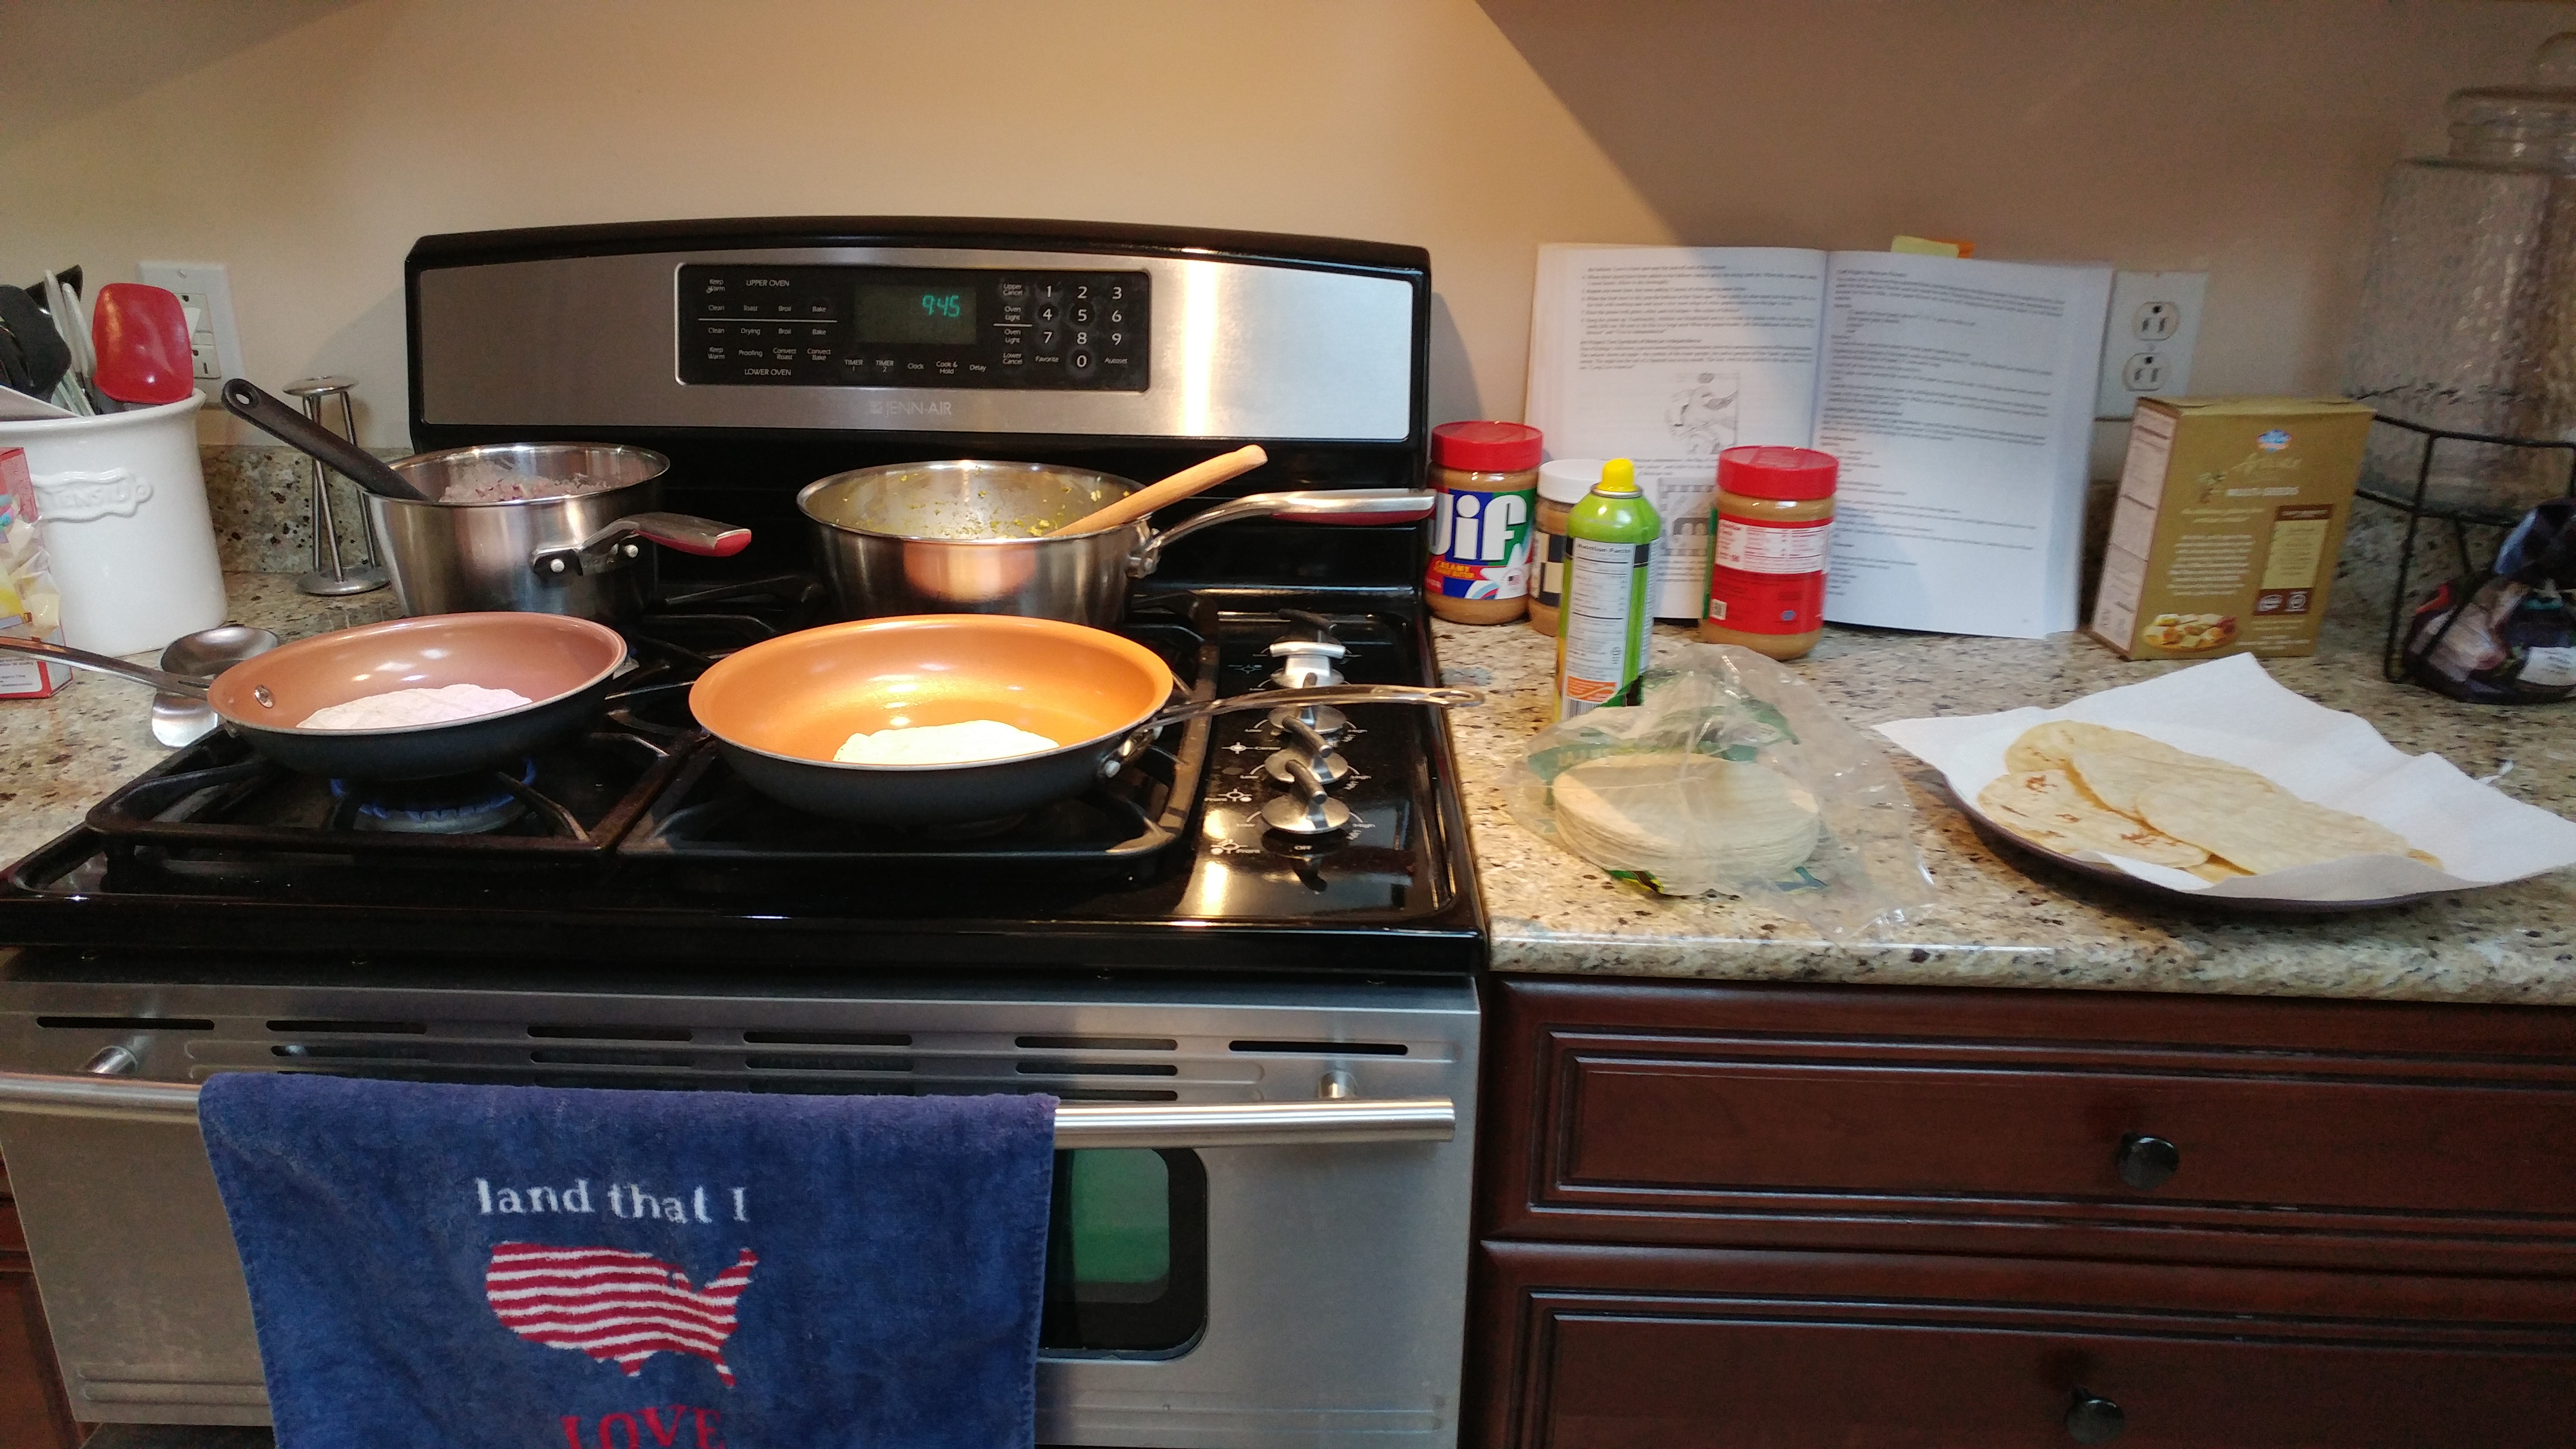 Preparing huevos rancheros